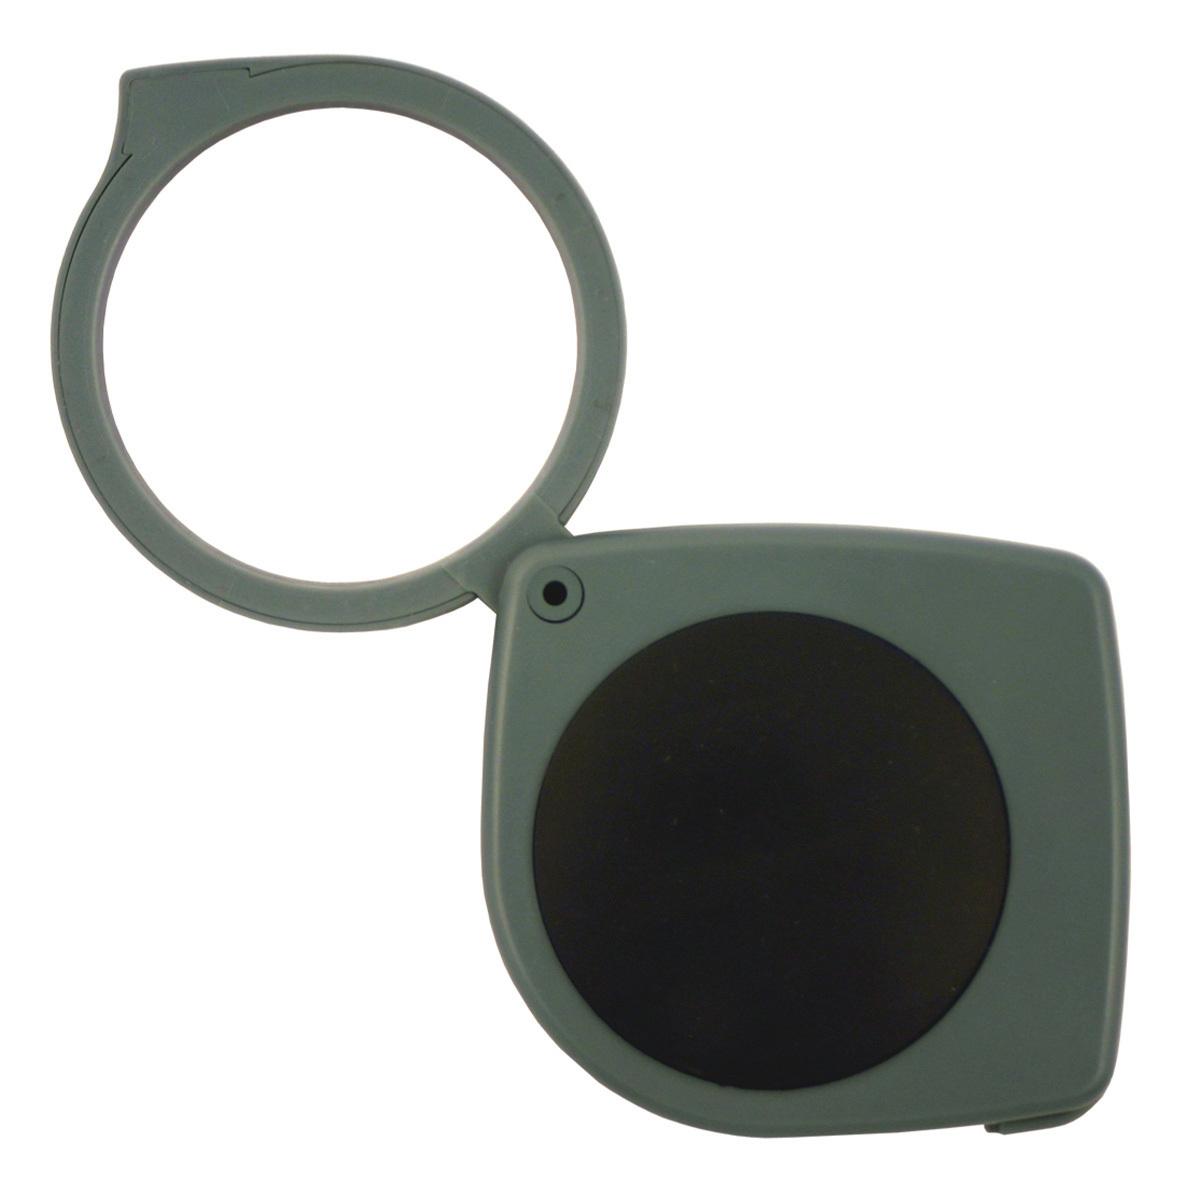 43-3005-taschenlupe-ansicht-1200x1200px.jpg